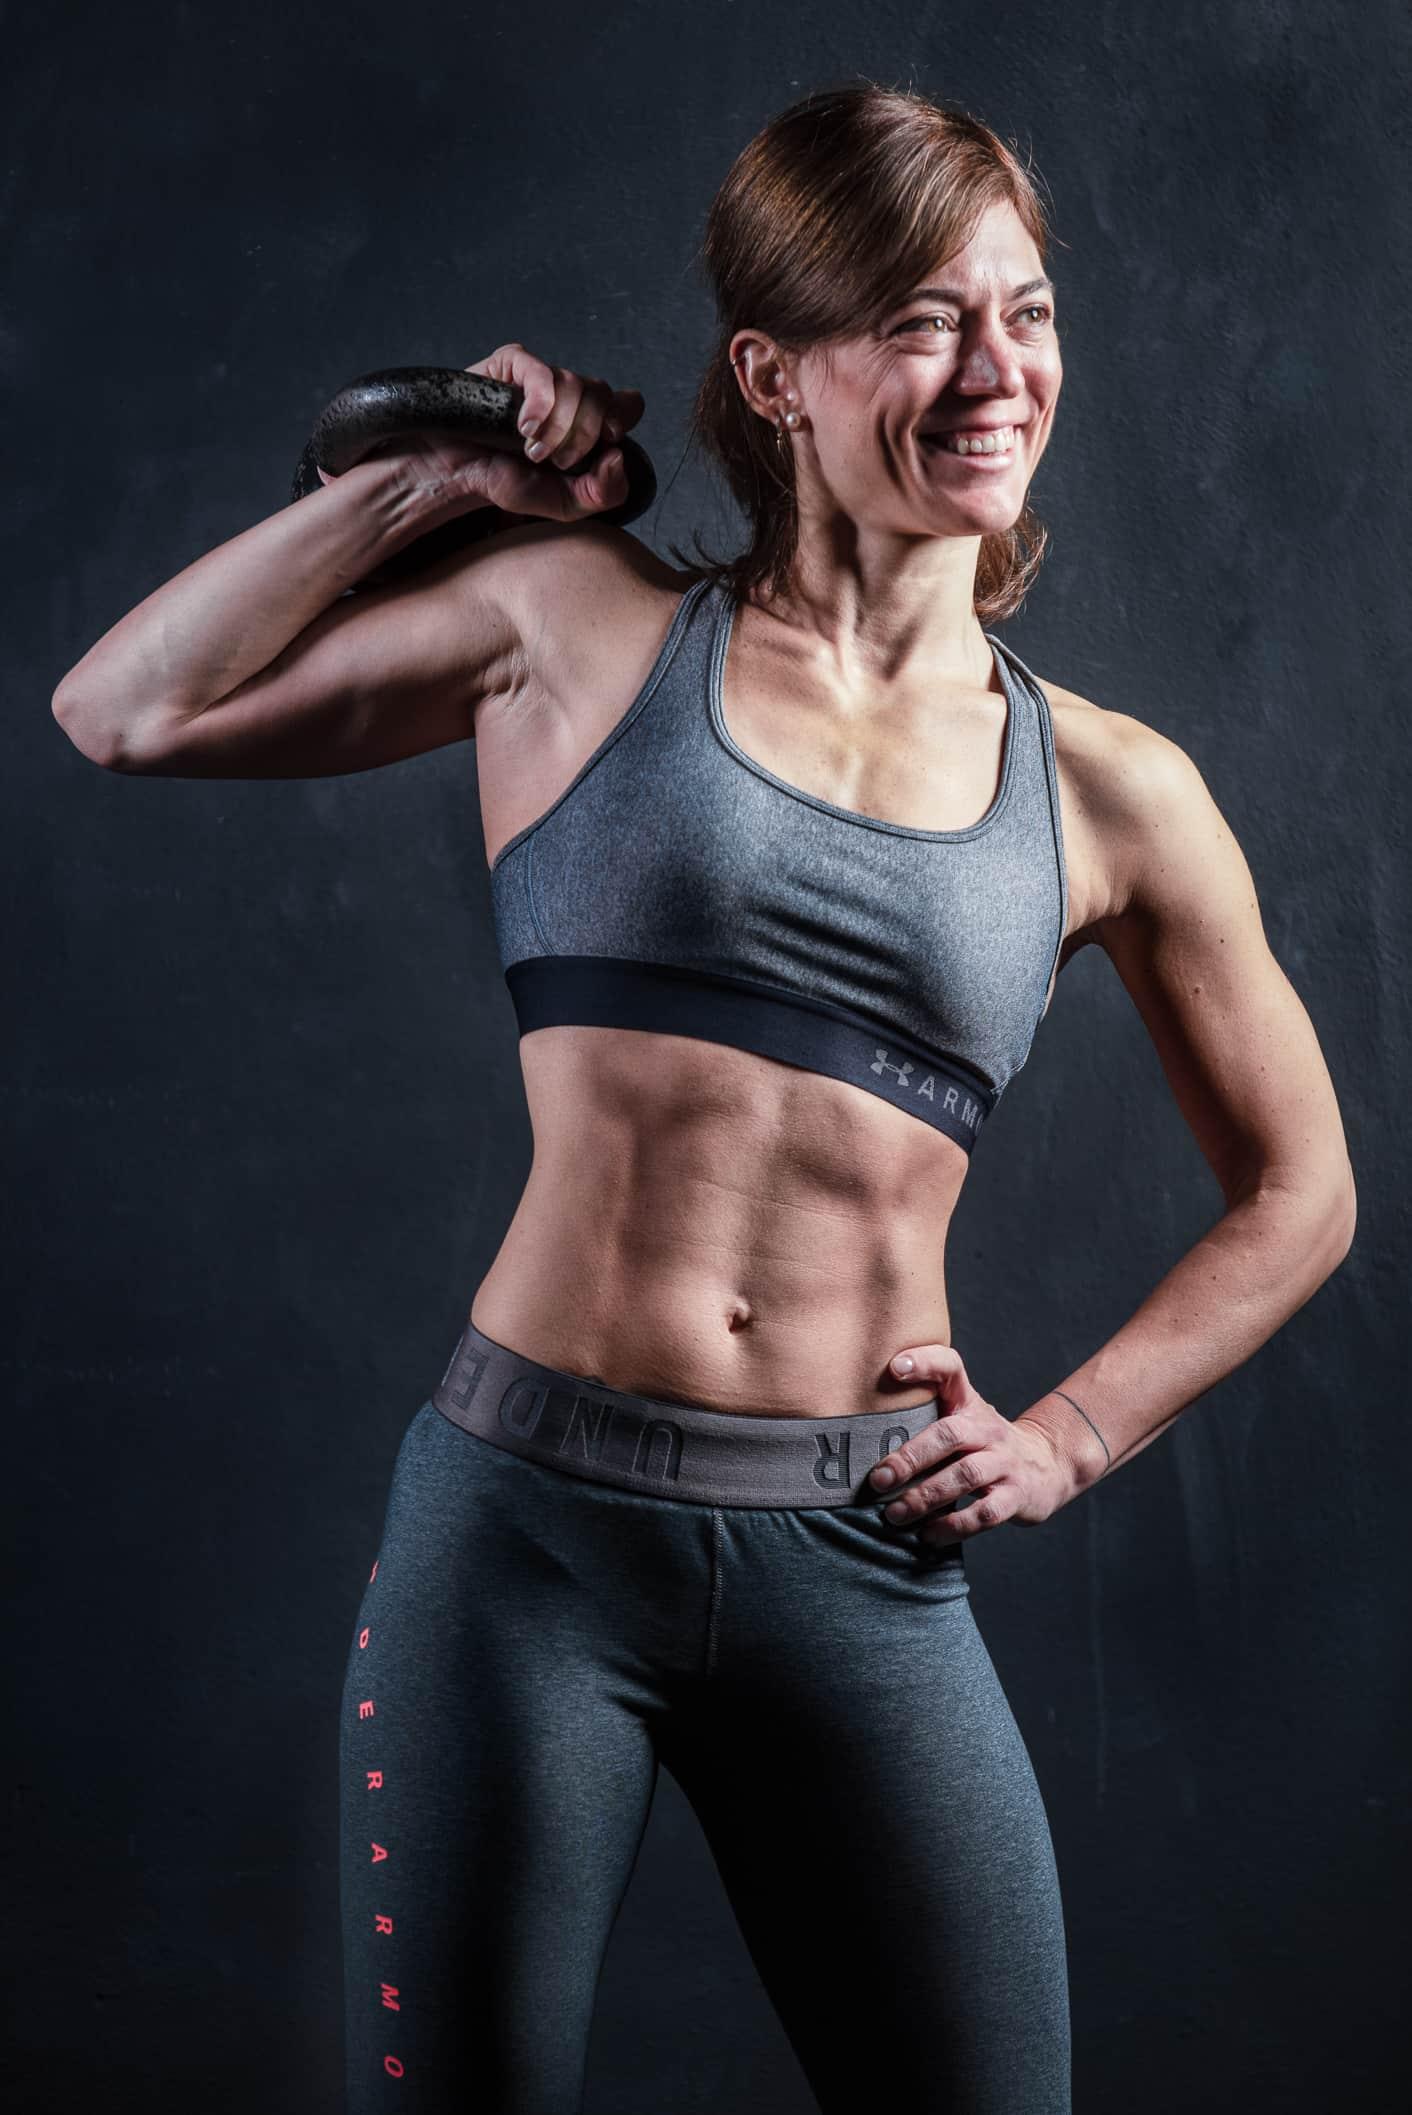 fotografofitness ragazza personal trainer sorridente con addome scolpito mentre tiene in mano un kettlebell